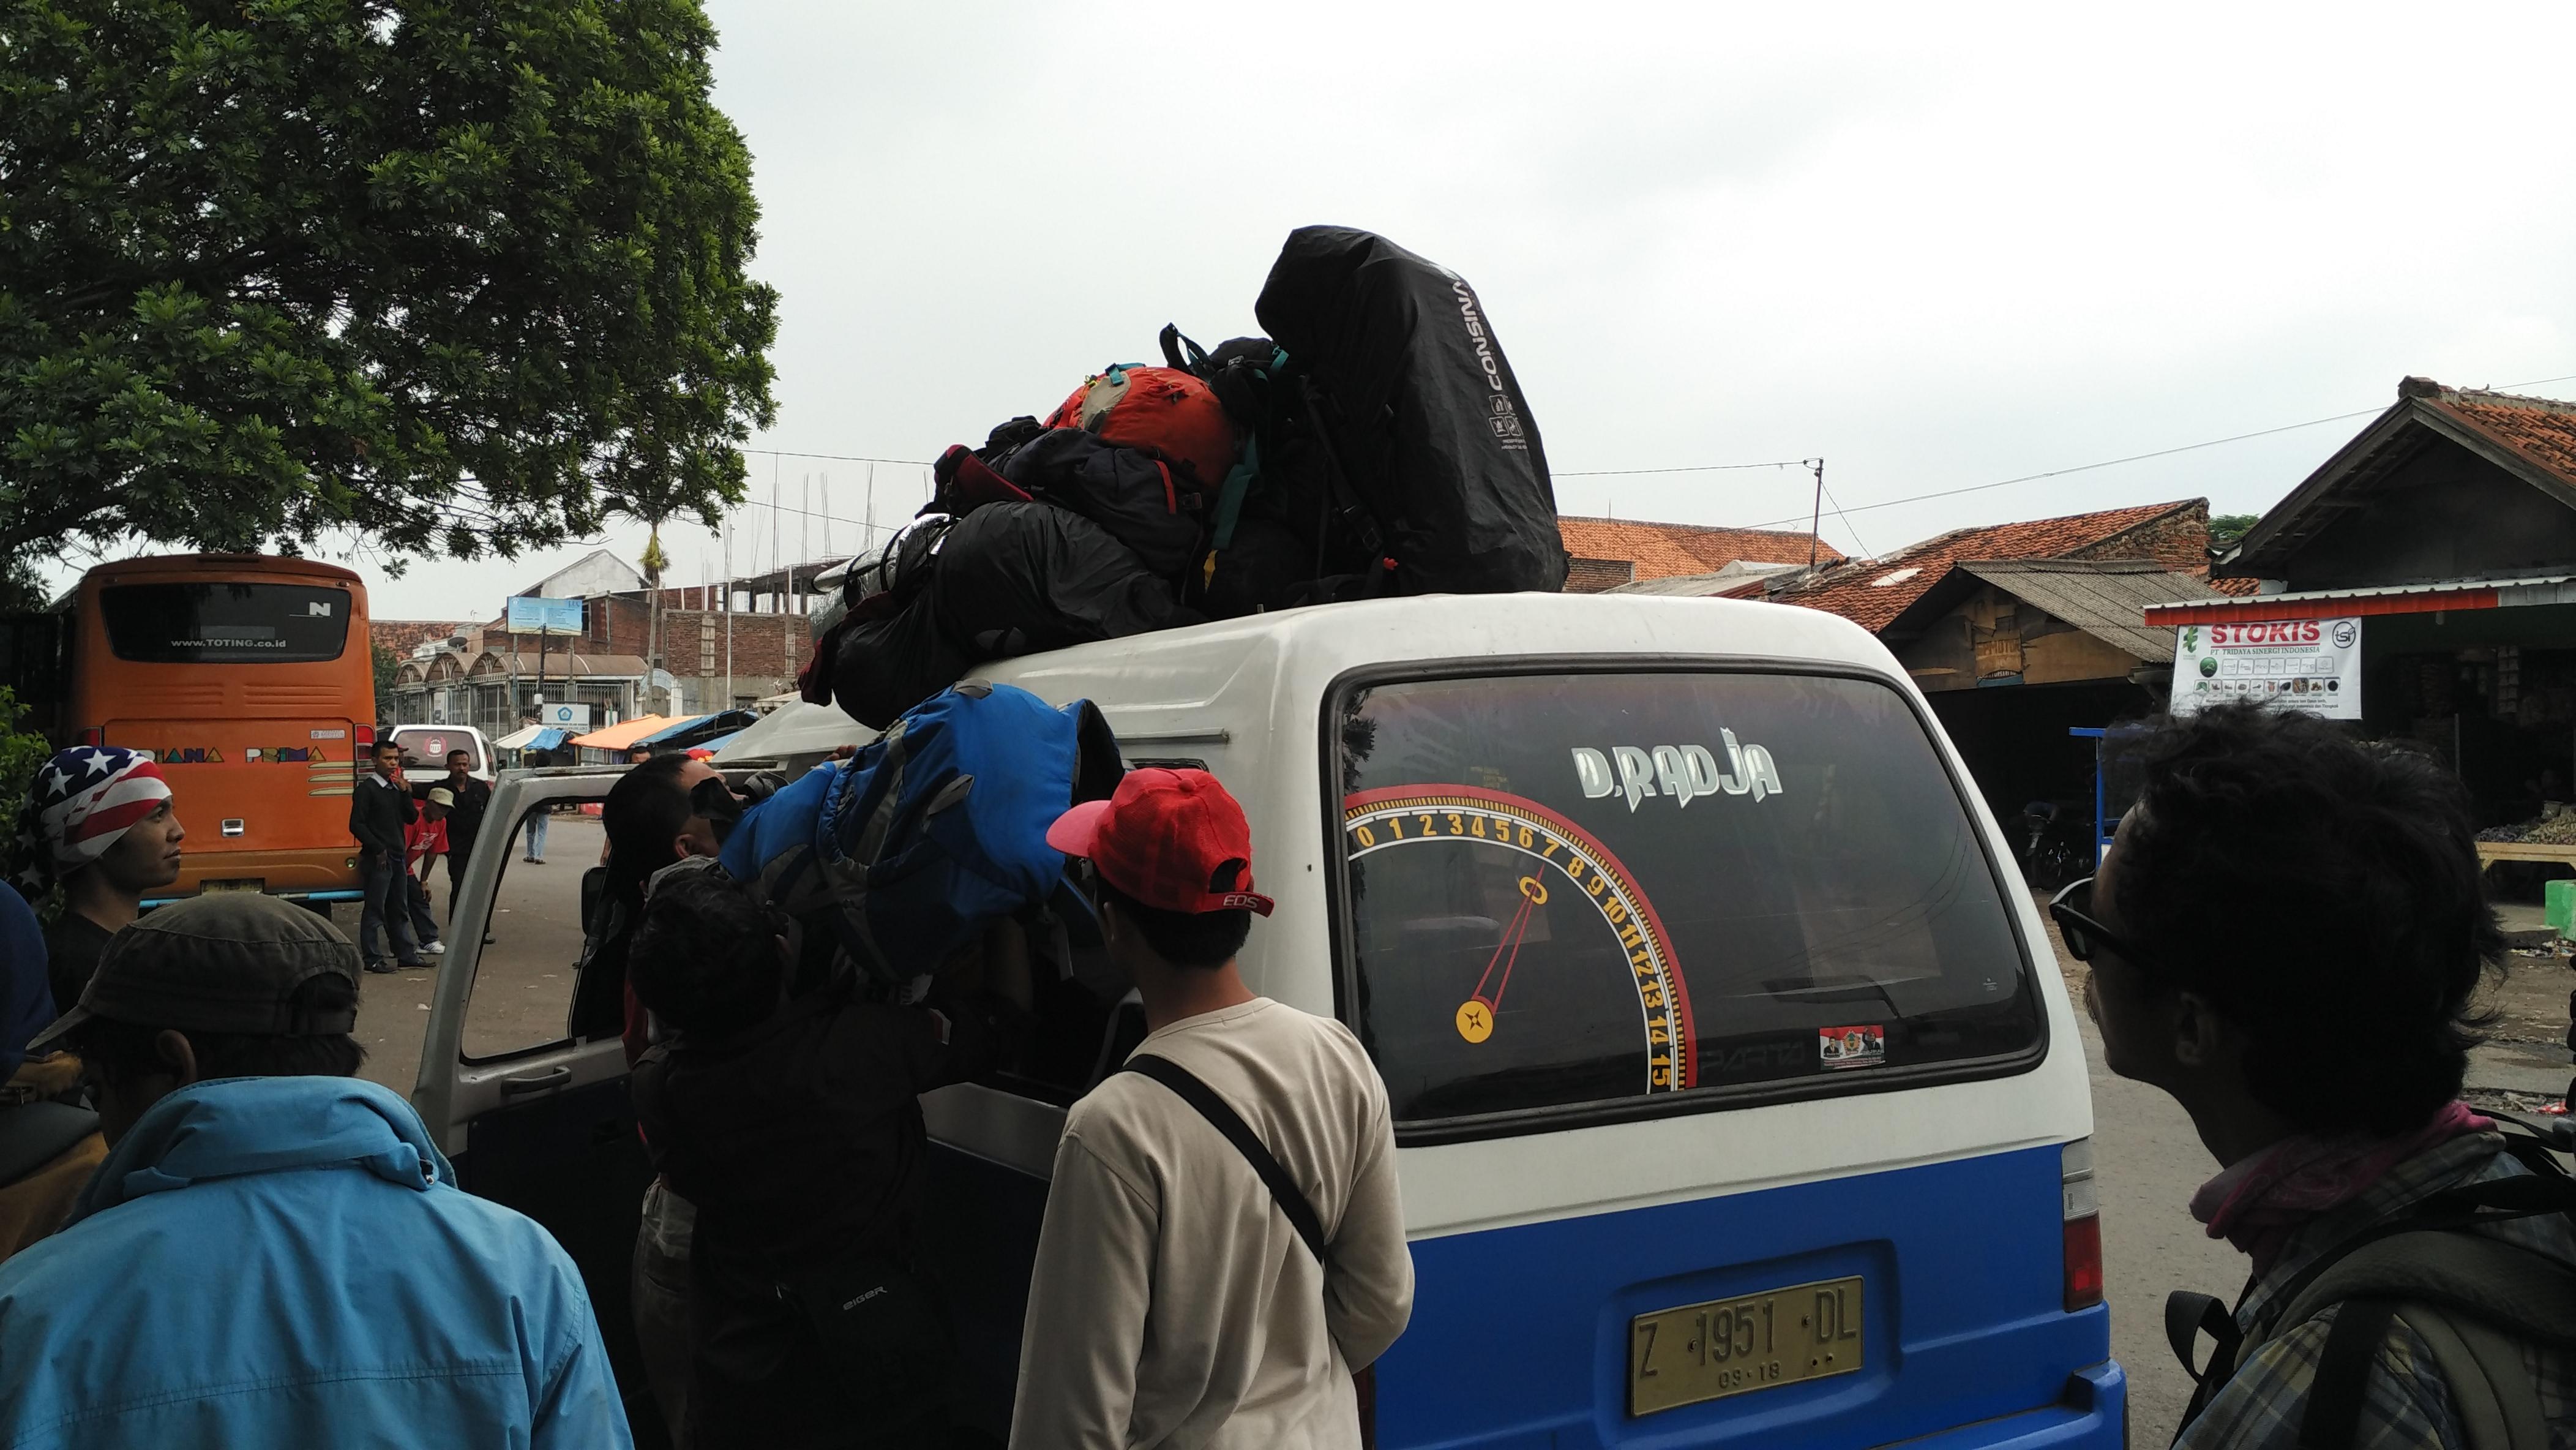 Angkot Cikajang, langganan pendaki Papandayan dari Terminal Guntur. (foto dari fnugrahendi.files.wordpress.com) - Transportasi di Garut - Info Wisata Garut - Paket Wisata di Garut - Jelajah Garut